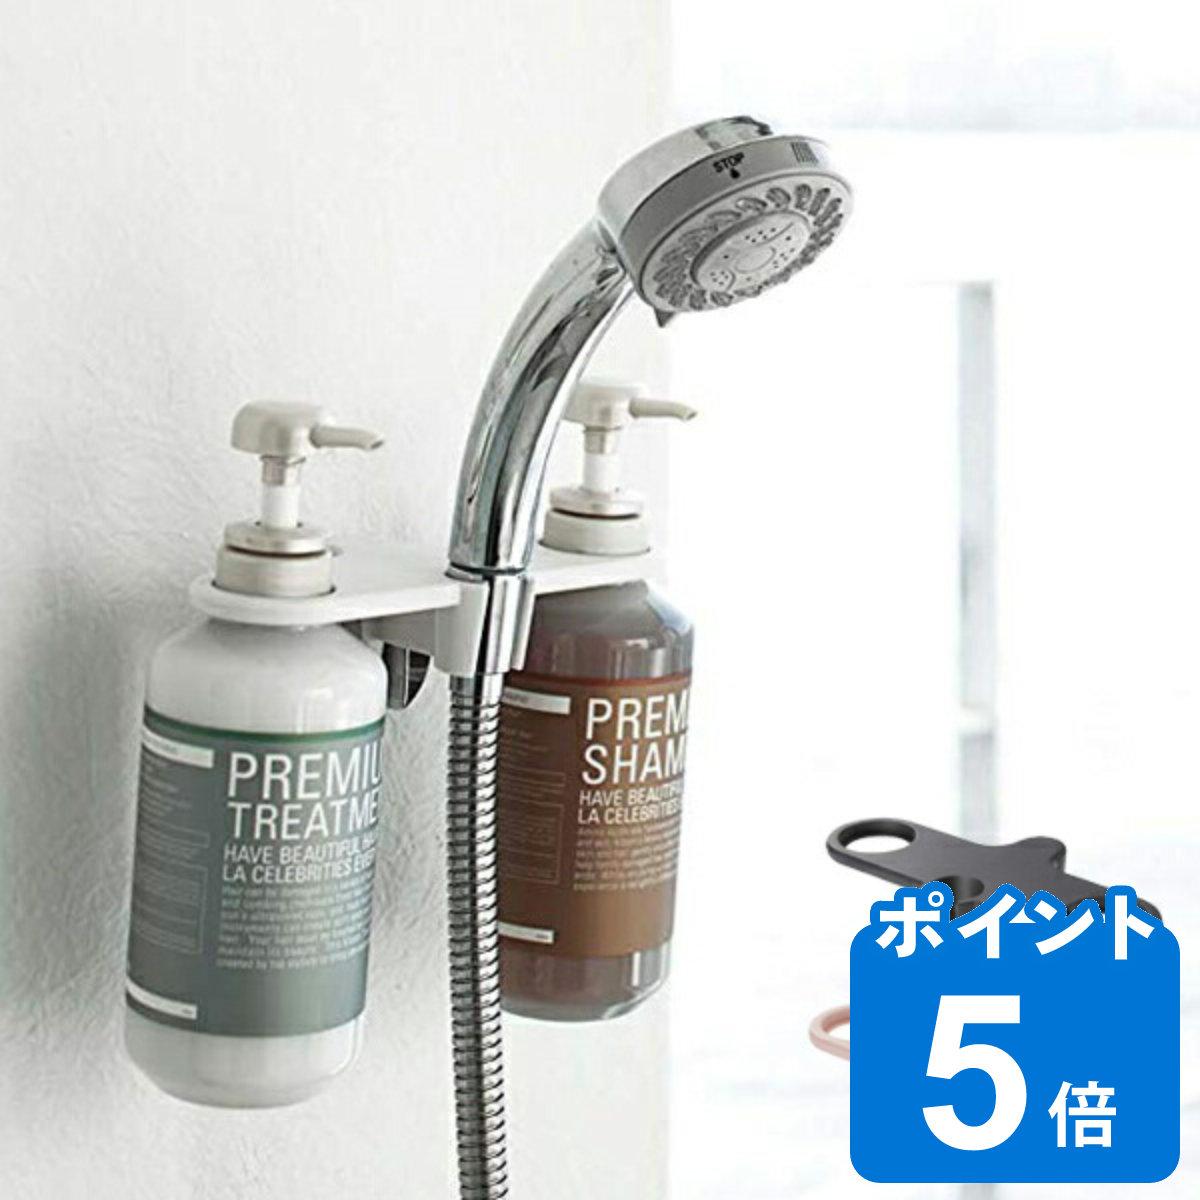 livingut | Rakuten Global Market: Dispenser holder mist MIST shampoo ...